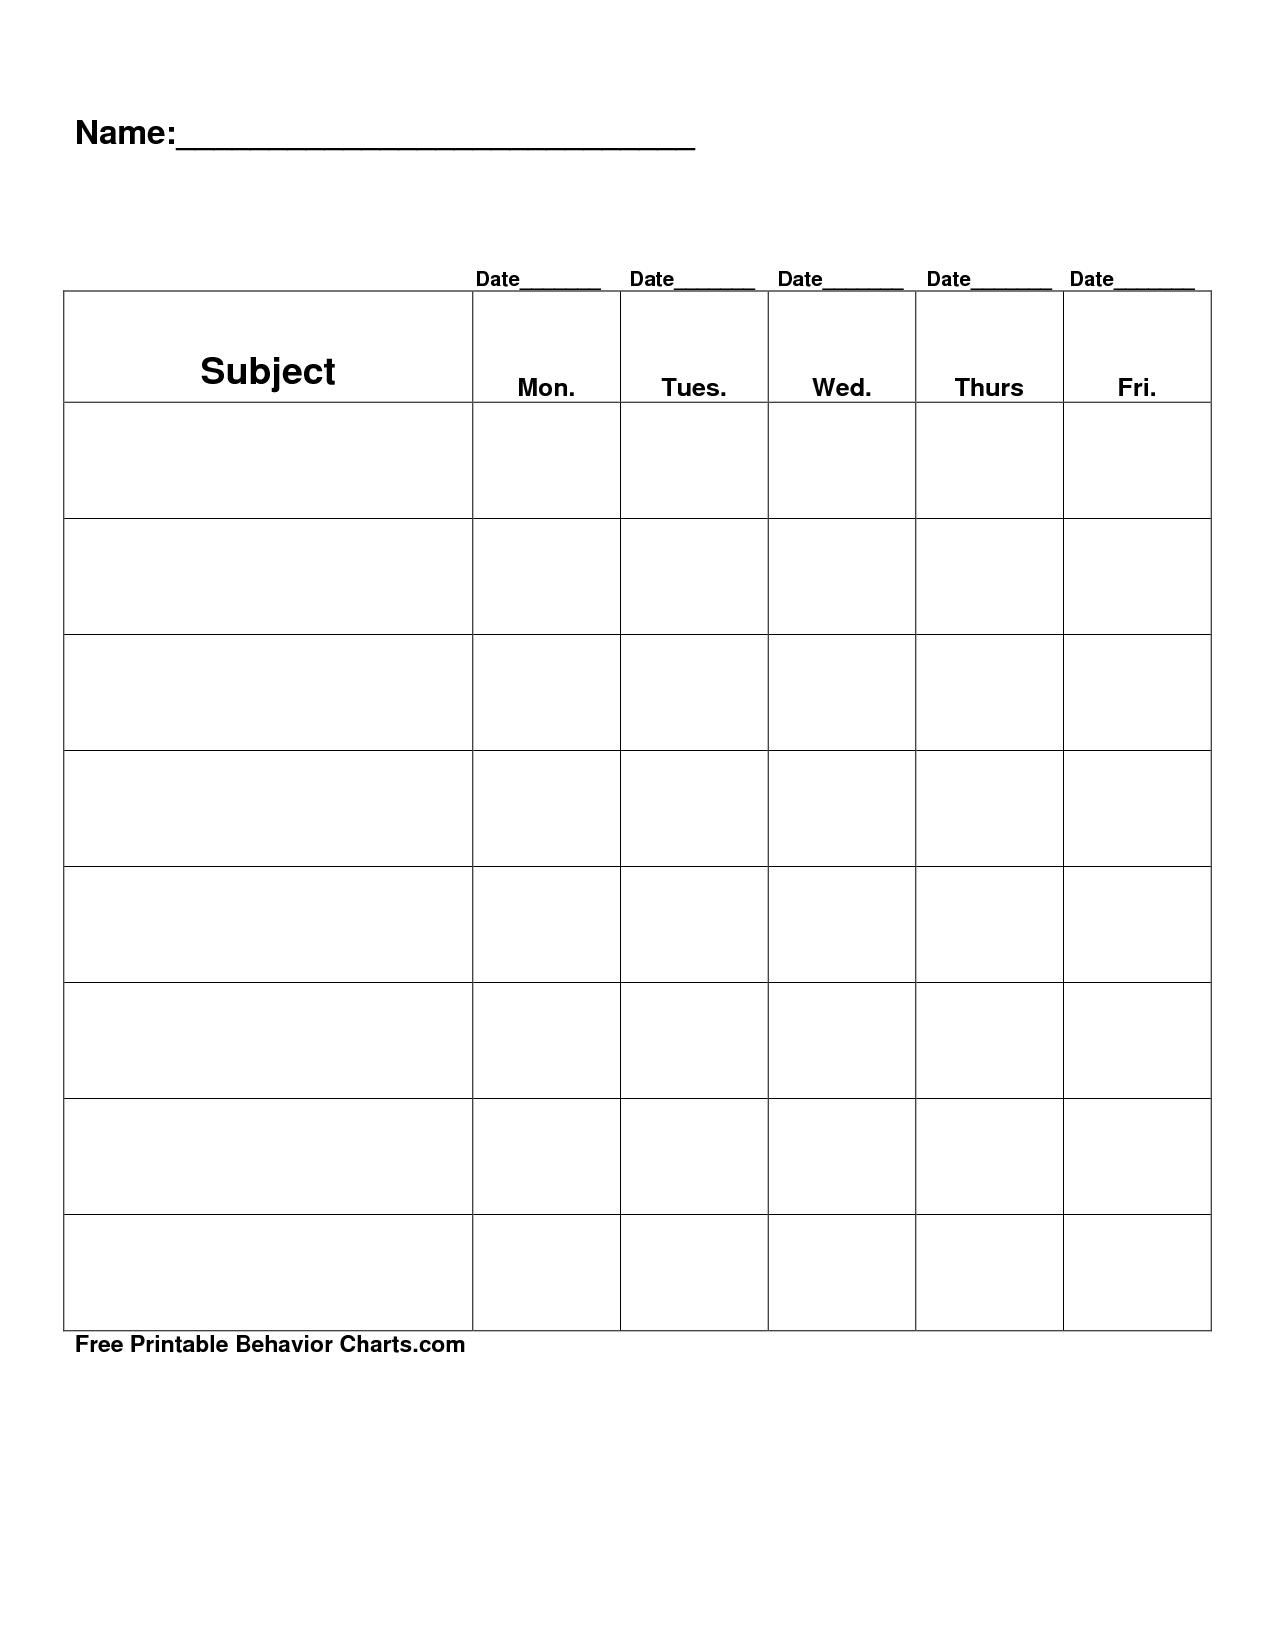 Free Printable Blank Charts   Free Printable Behavior Charts Com - Charts Free Printable